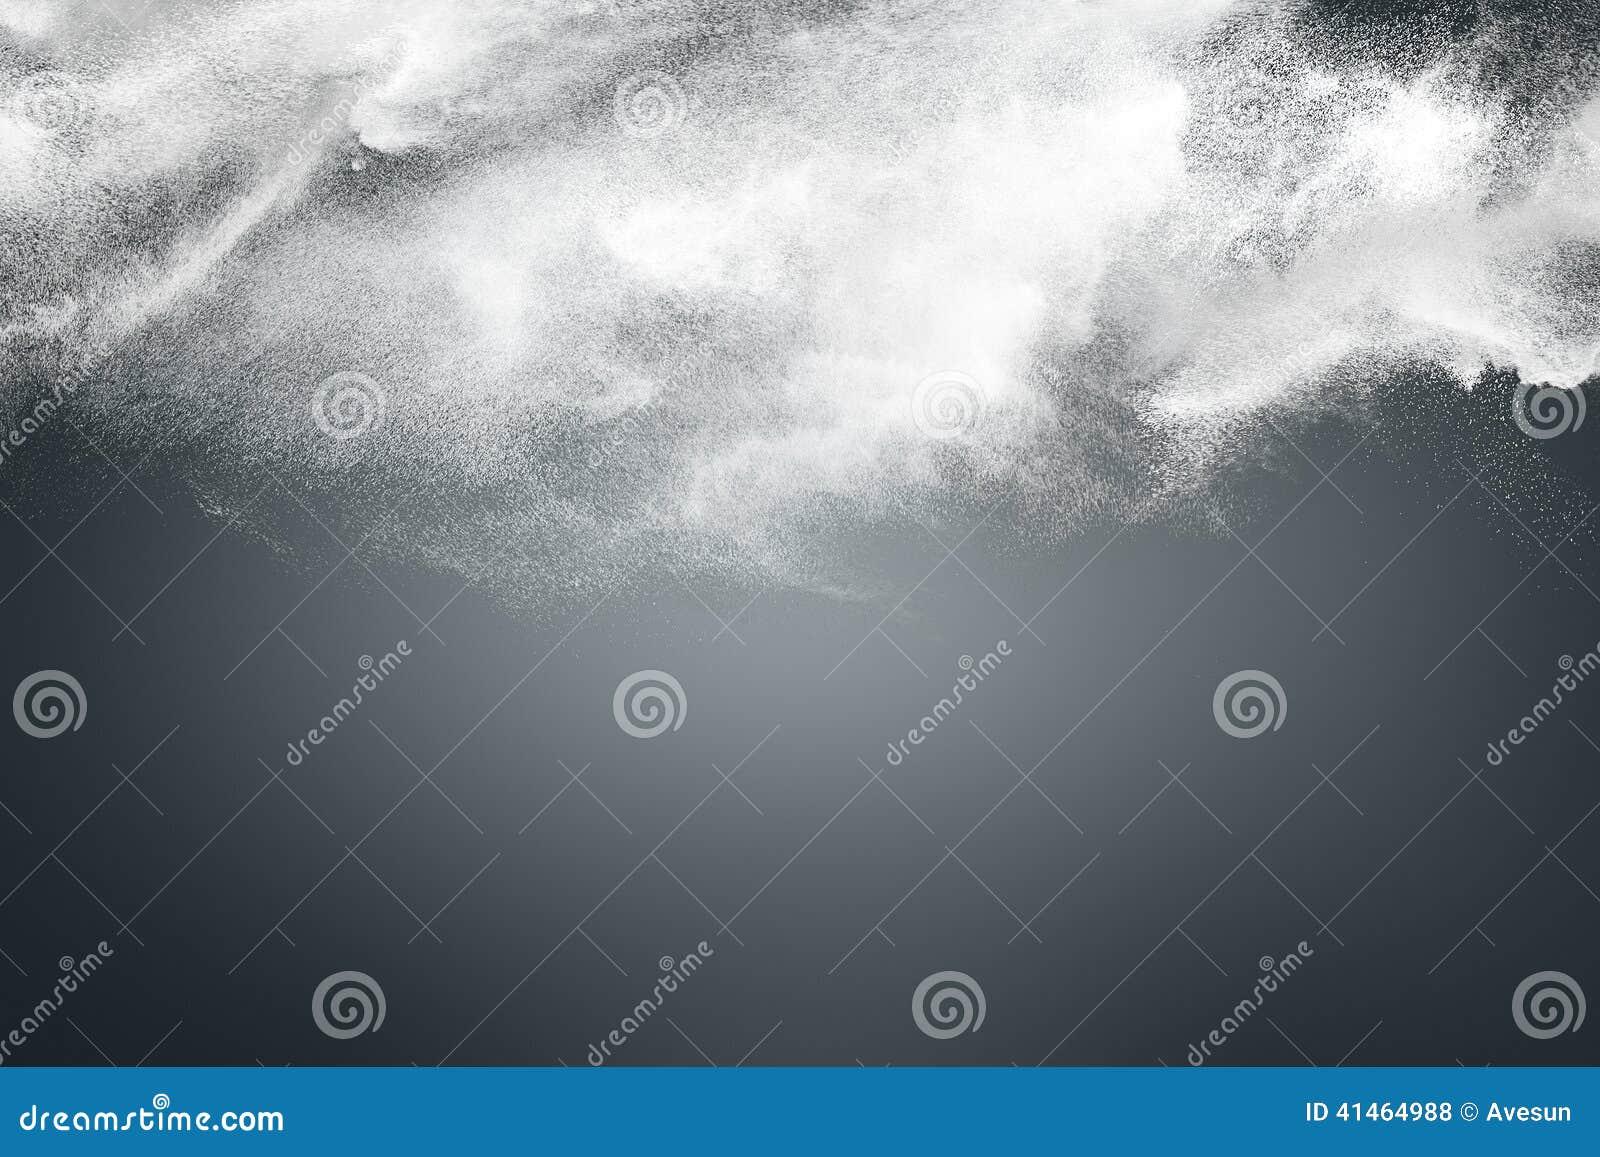 Abstraktes Design der weißen Pulverwolke